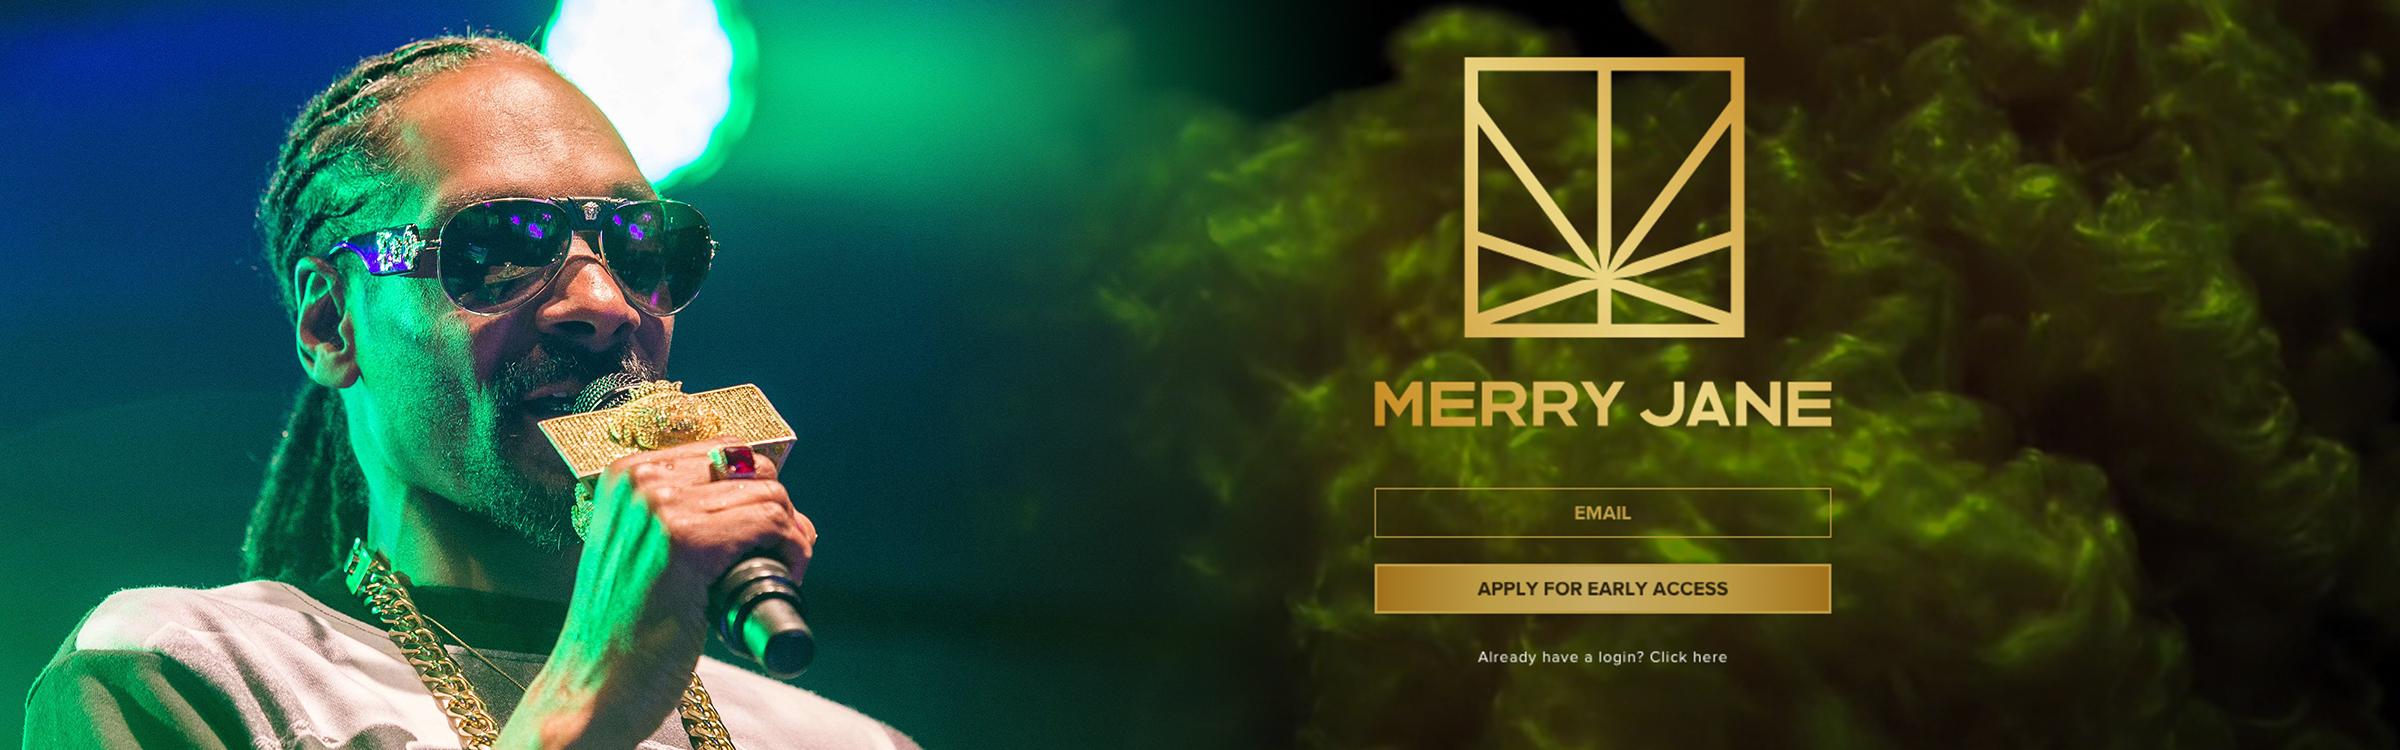 Merryjane2400